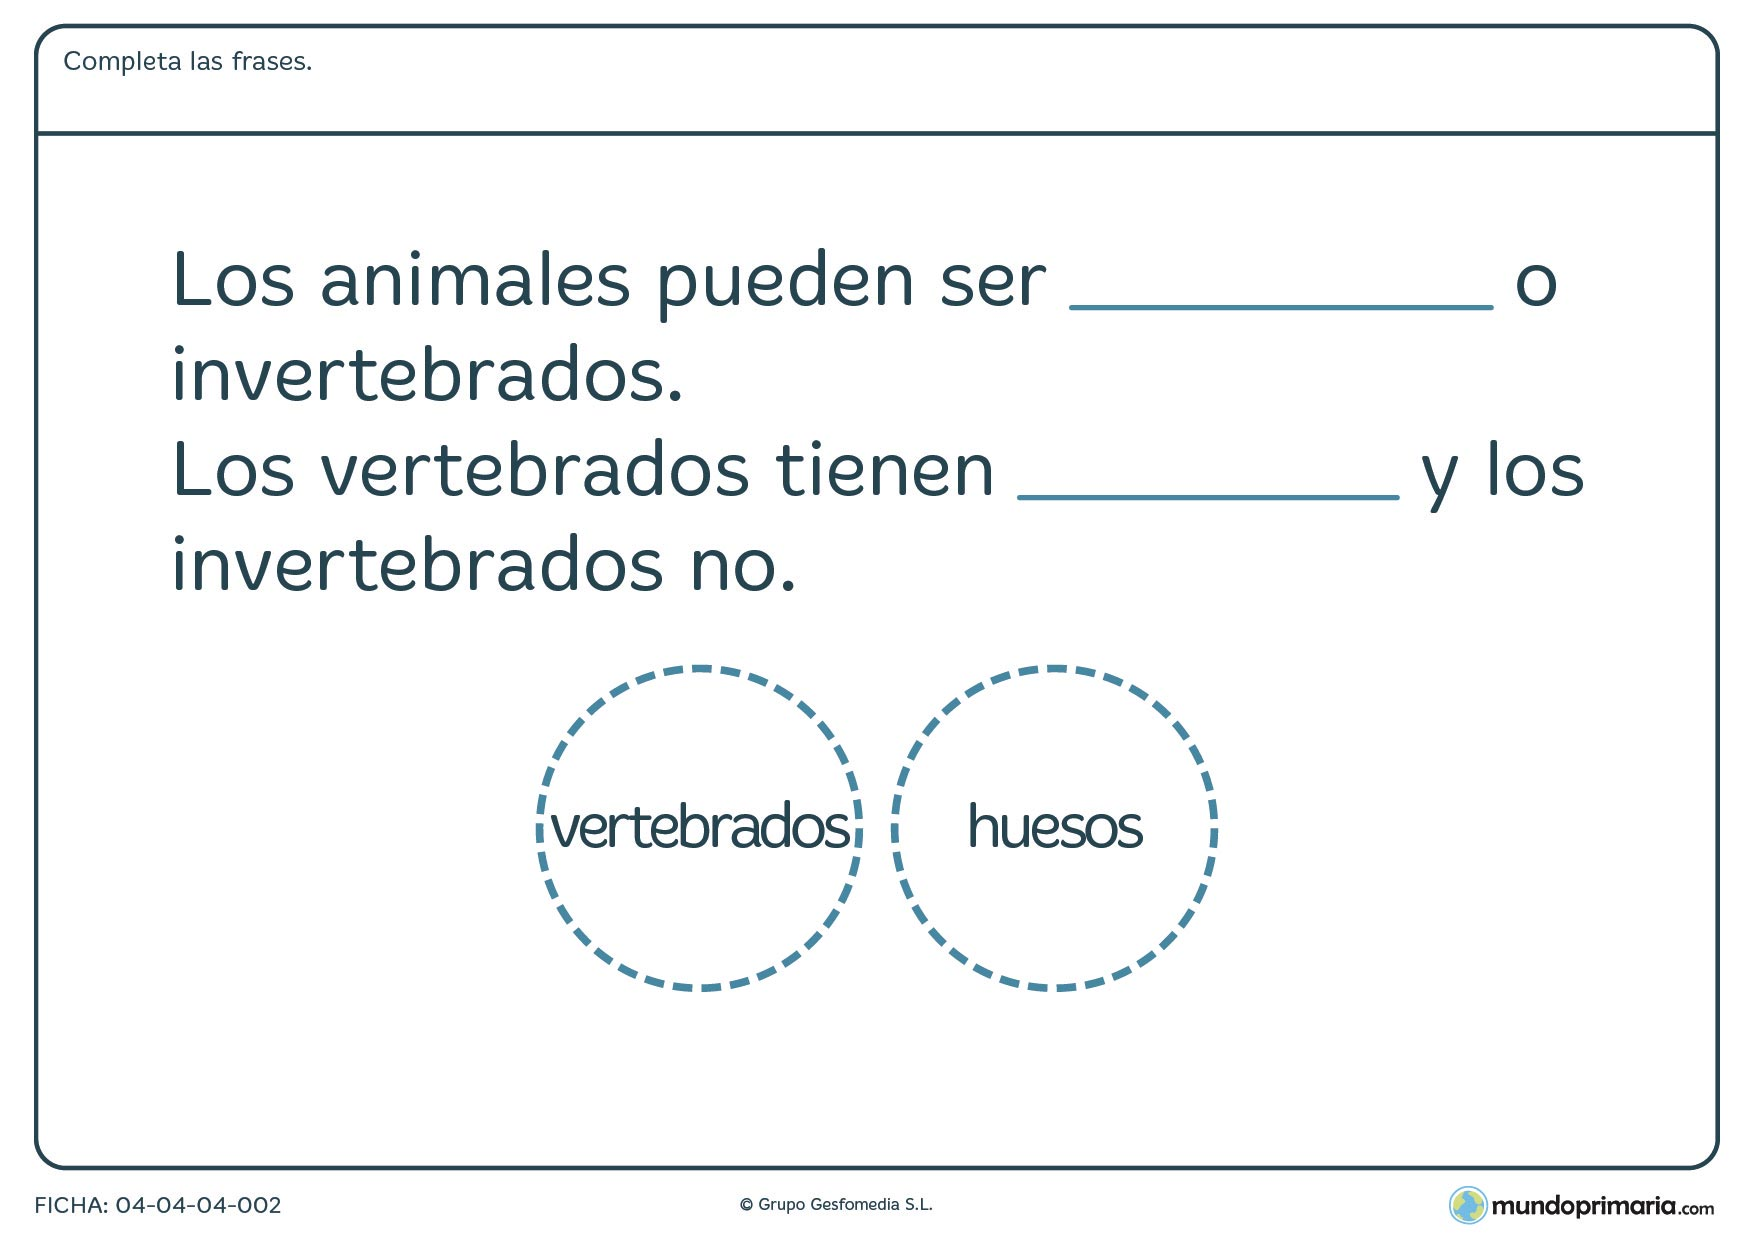 Ficha de vertebrados o invertebrados, coloca de forma correcta las palabras referentes a estos tipos de animales.